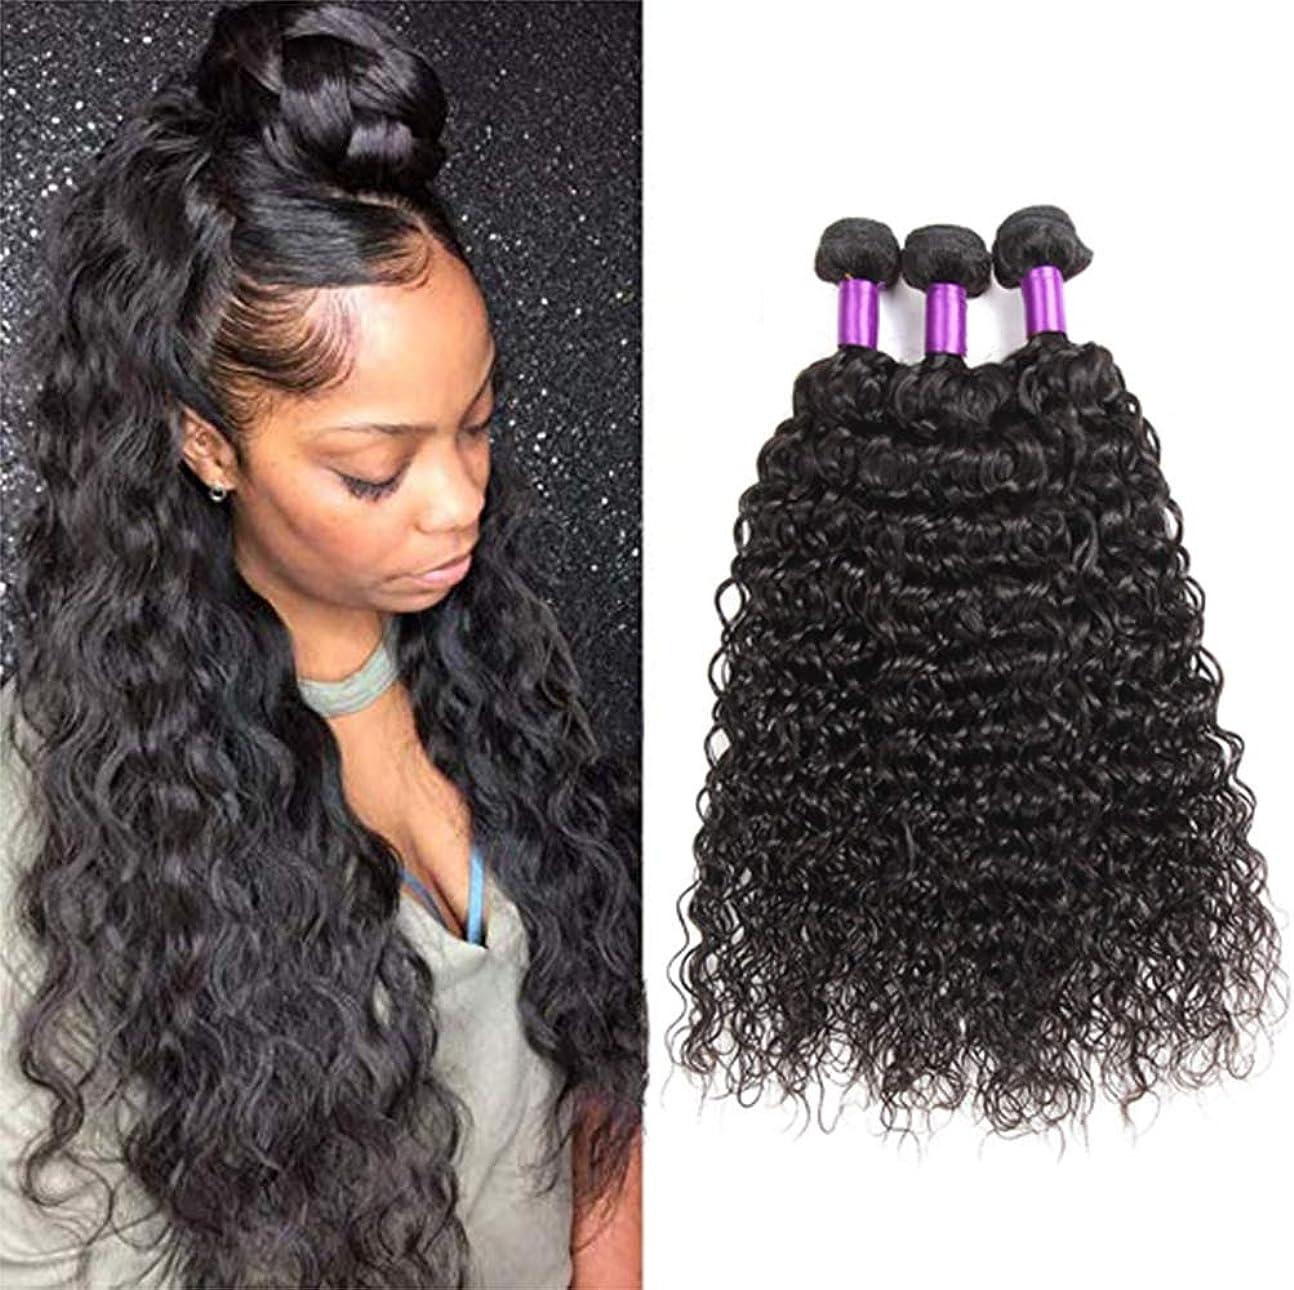 楕円形道を作る今前頭水の波が付いている10Aブラジルのバージンの毛の束を編む閉鎖閉鎖の湿気があるそして波状のバージンの人間の毛髪が付いている1束